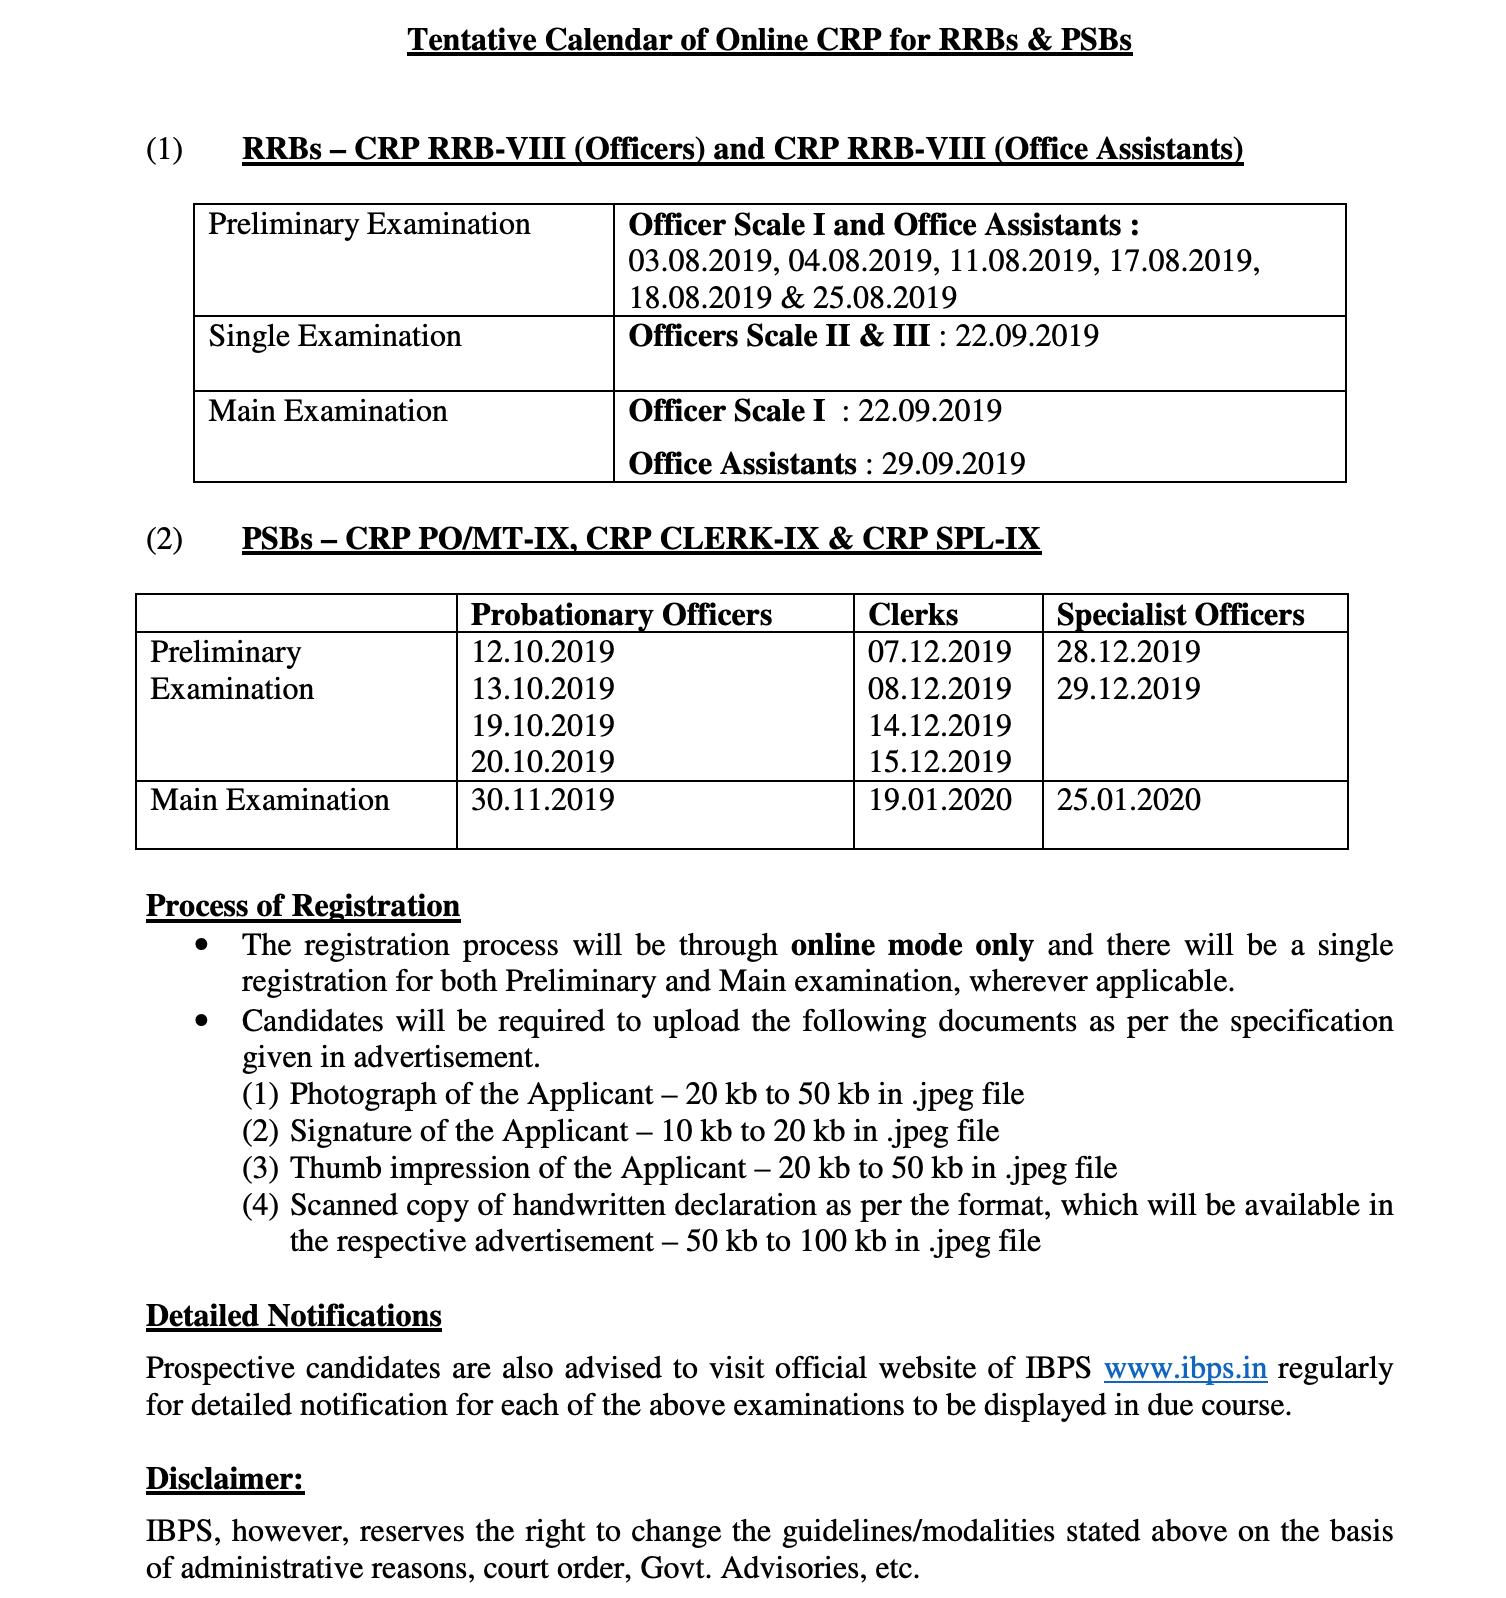 IBPS Exam Calendar PDF